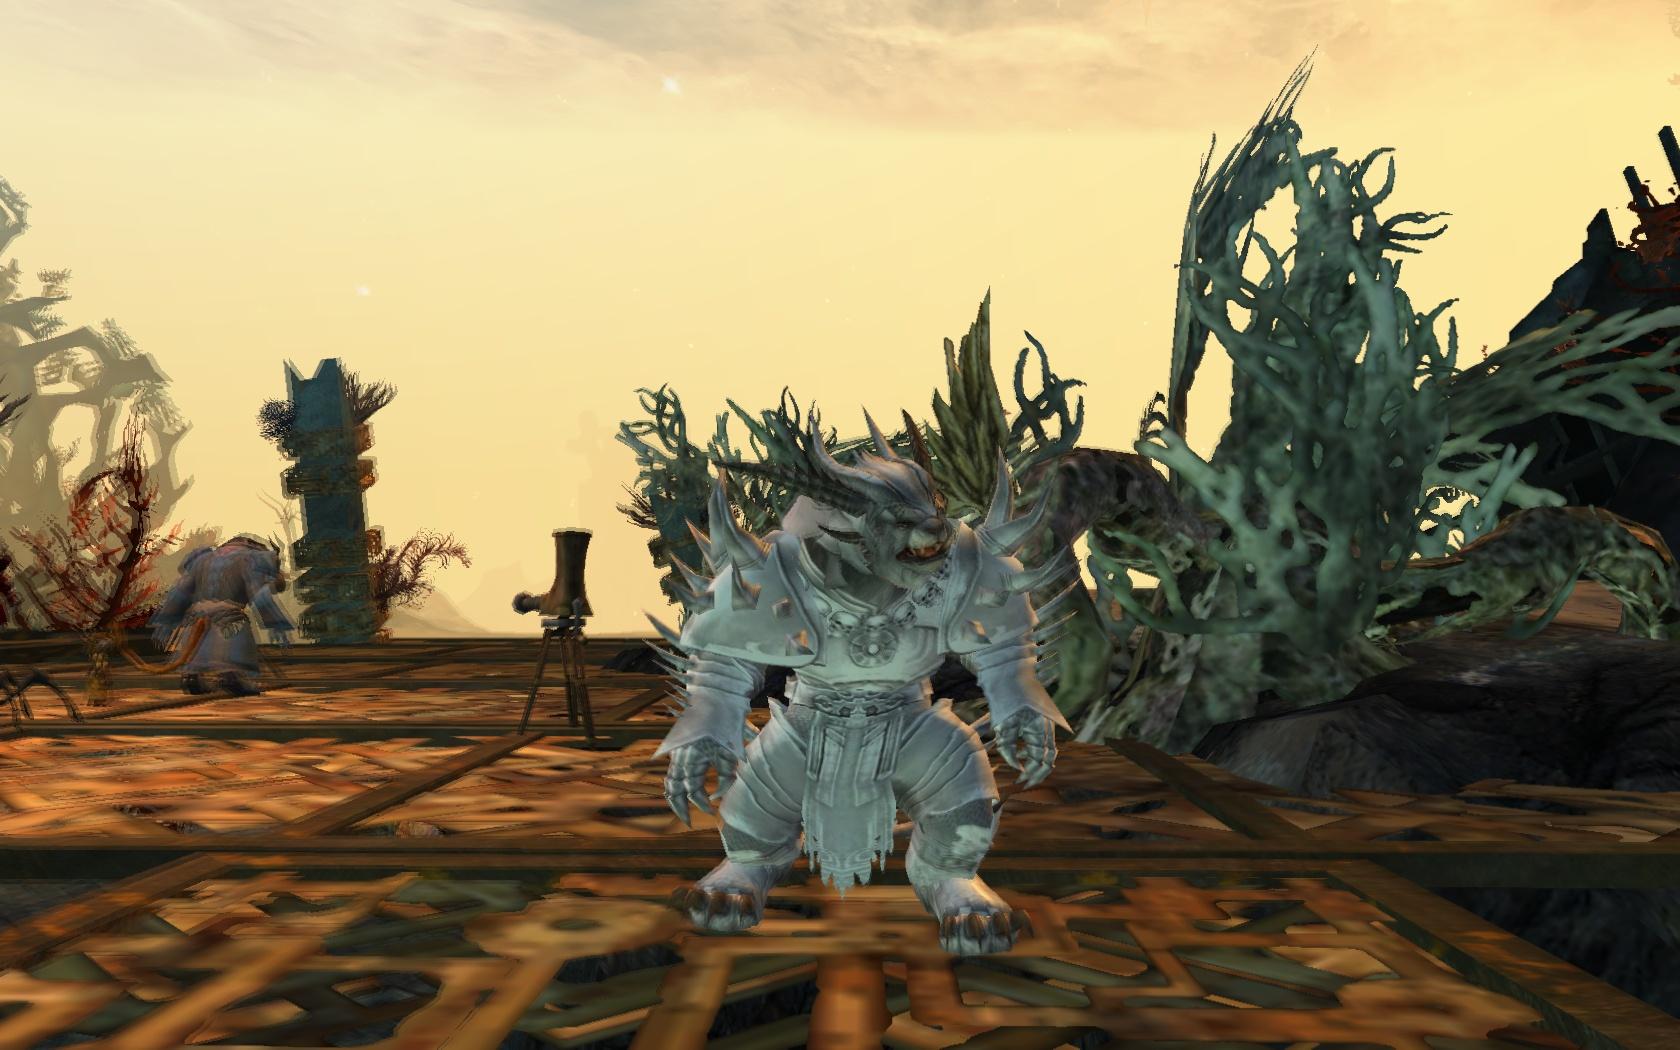 Guild wars 2 gw2 darkened desires gw2 fashion - Halp